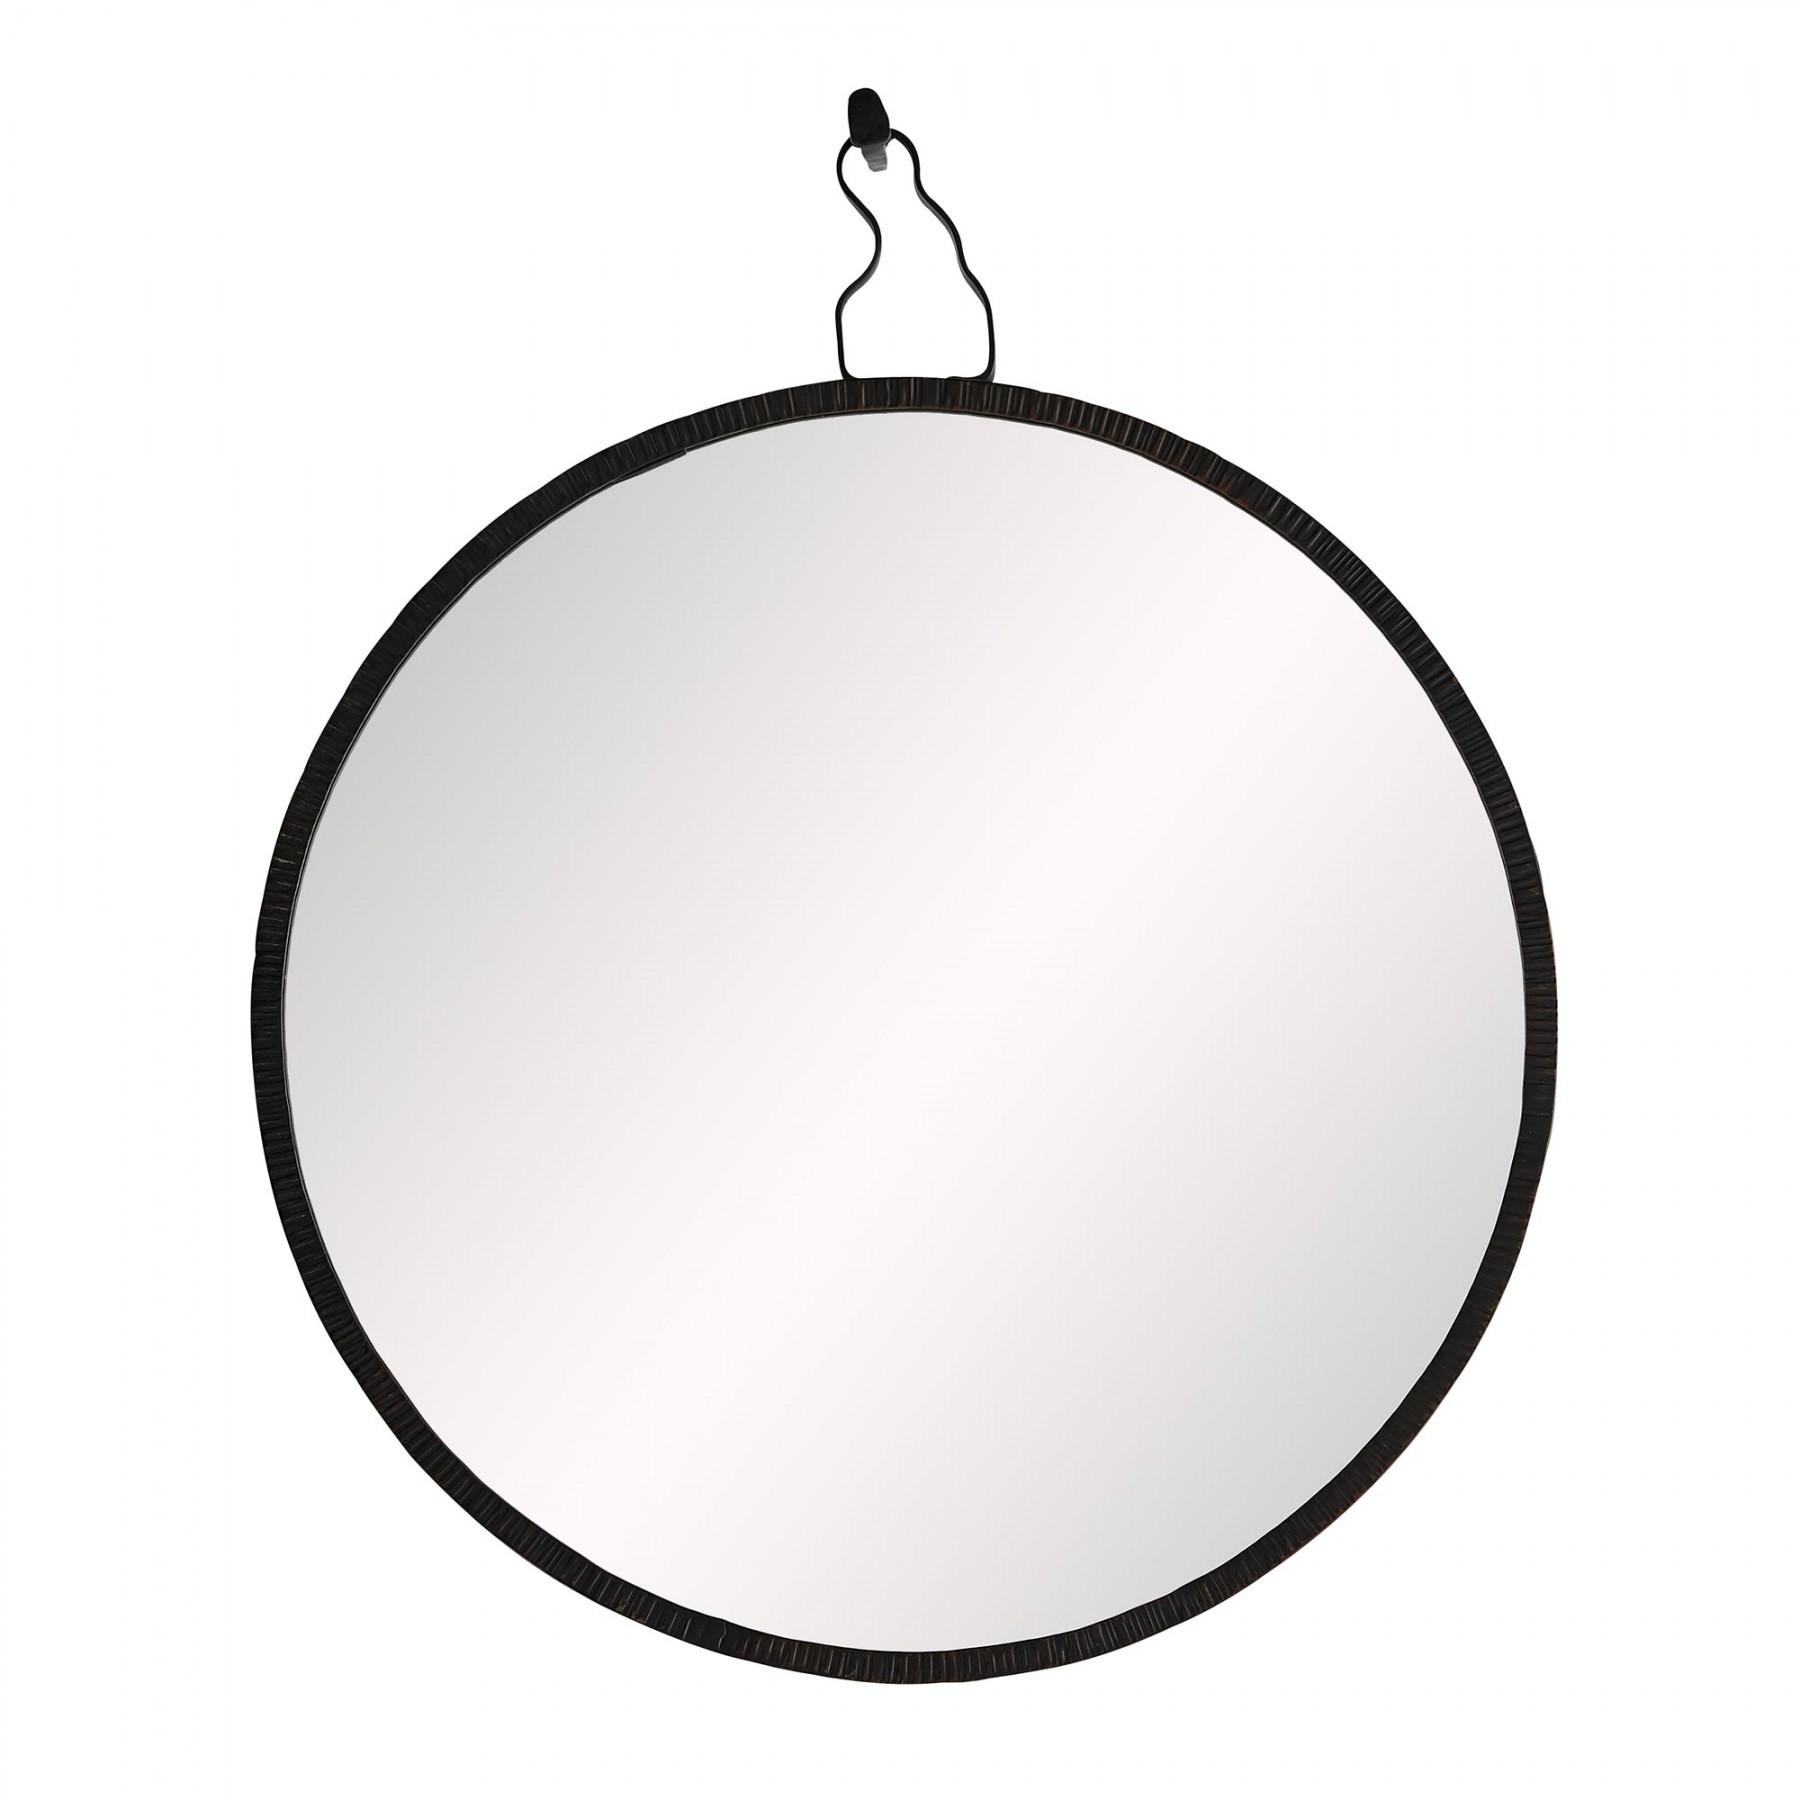 Autero Small Round Mirror.